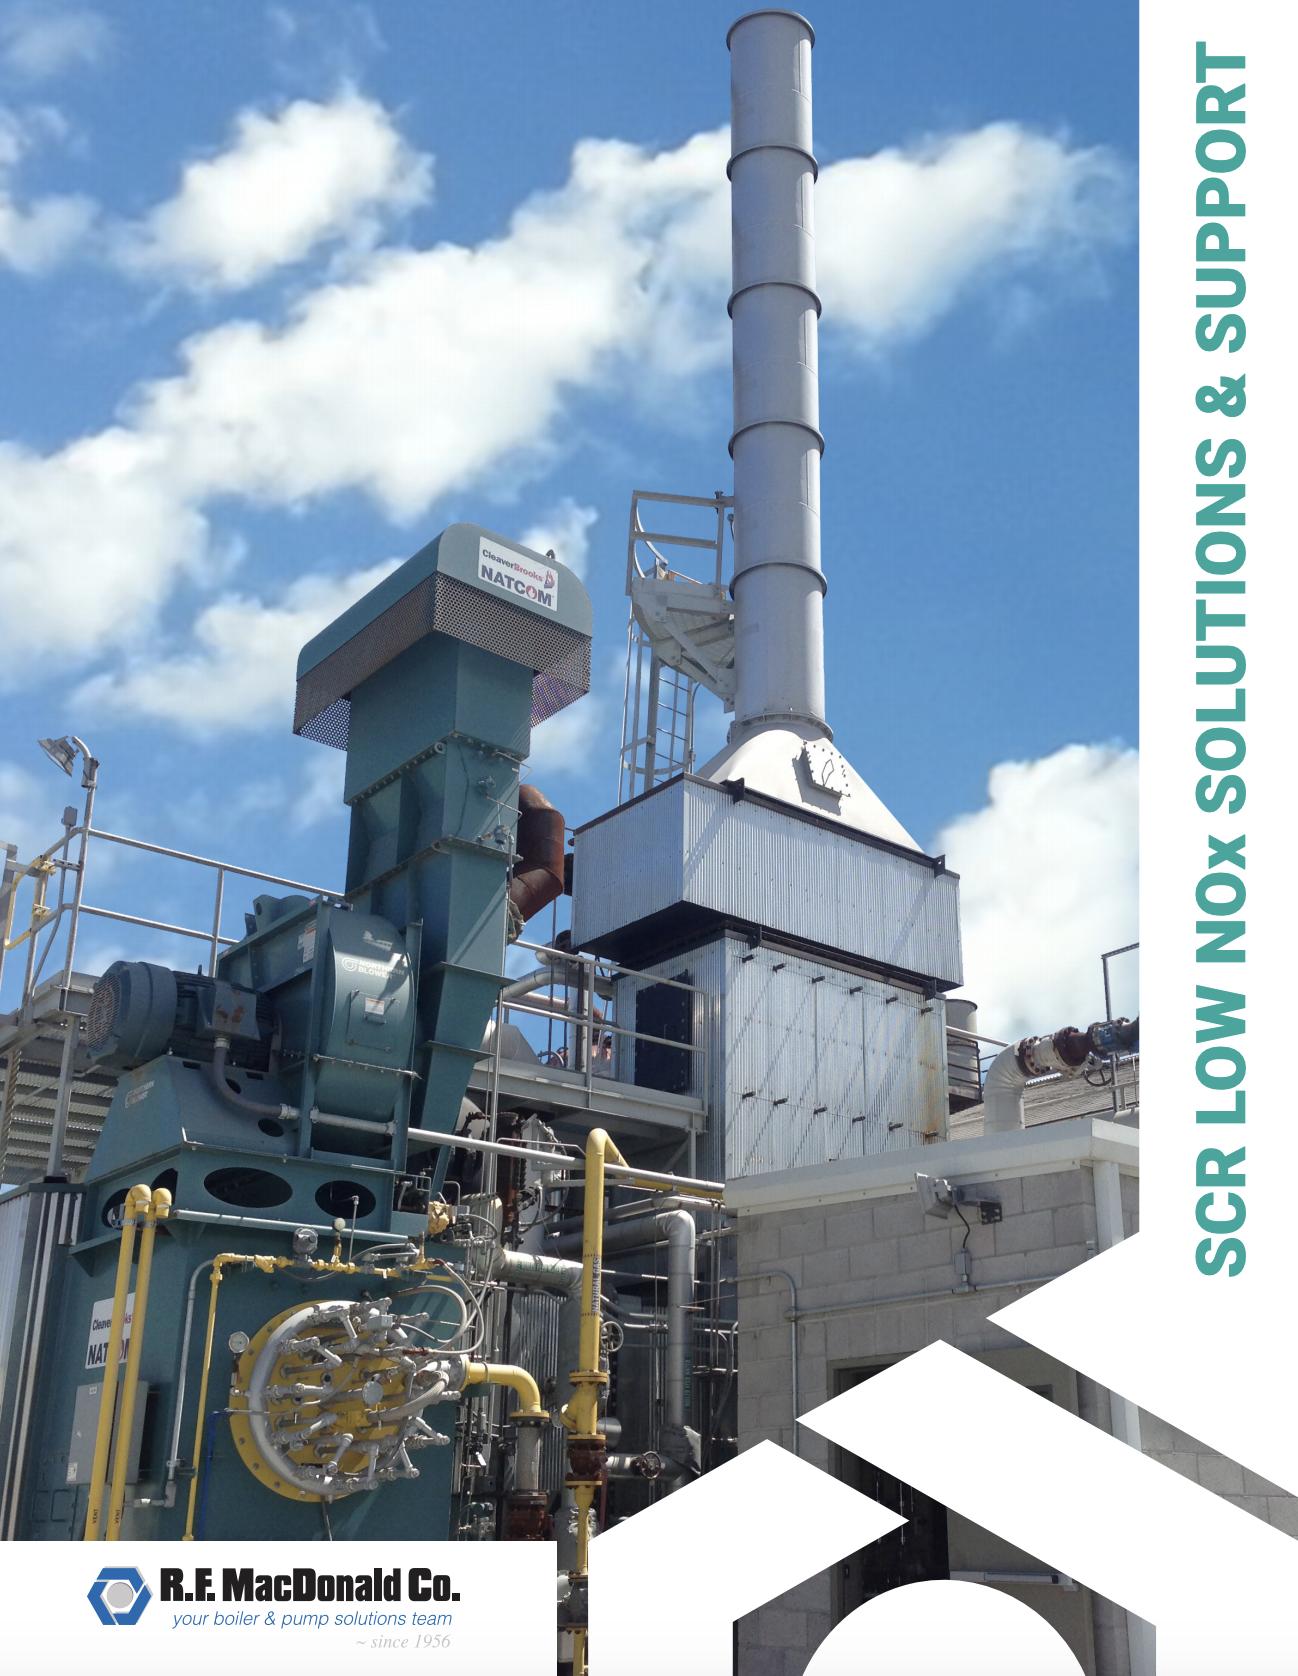 scr boiler installations